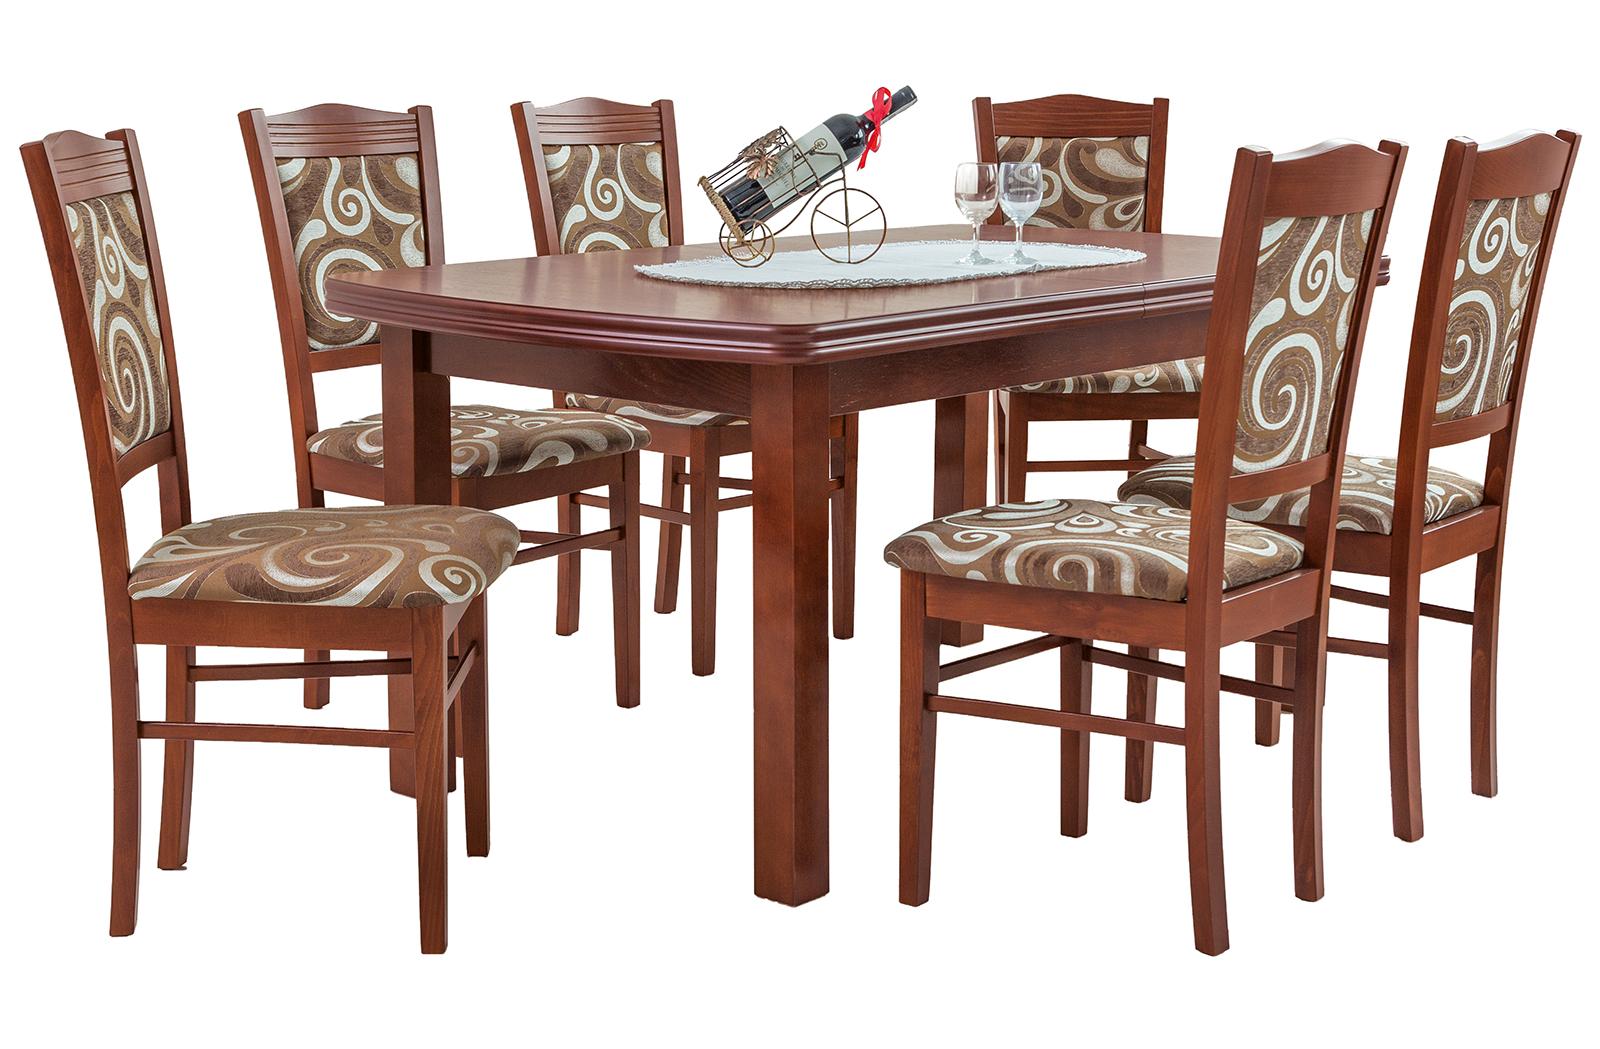 esstisch mit 6 st hlen ausziehbare tisch esszimmertisch tischgruppe alice ebay. Black Bedroom Furniture Sets. Home Design Ideas